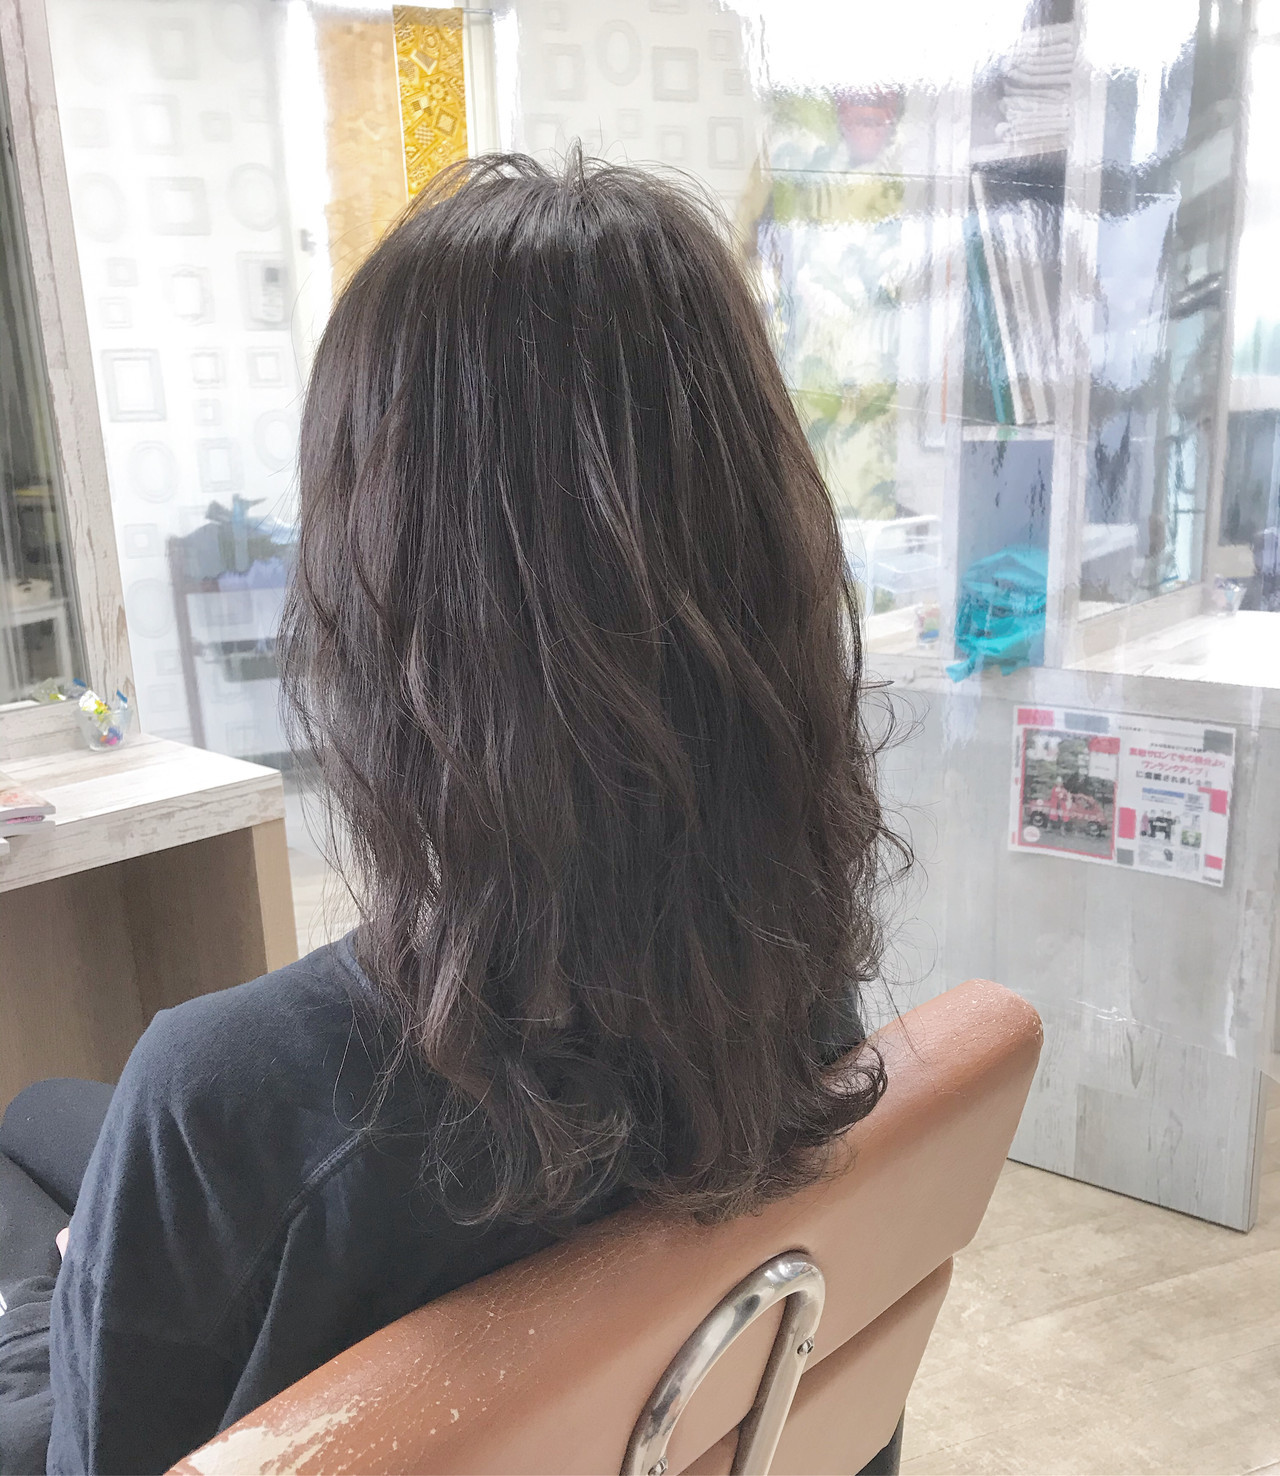 ミディアムレイヤー オリーブグレージュ ナチュラル 大人ミディアム ヘアスタイルや髪型の写真・画像